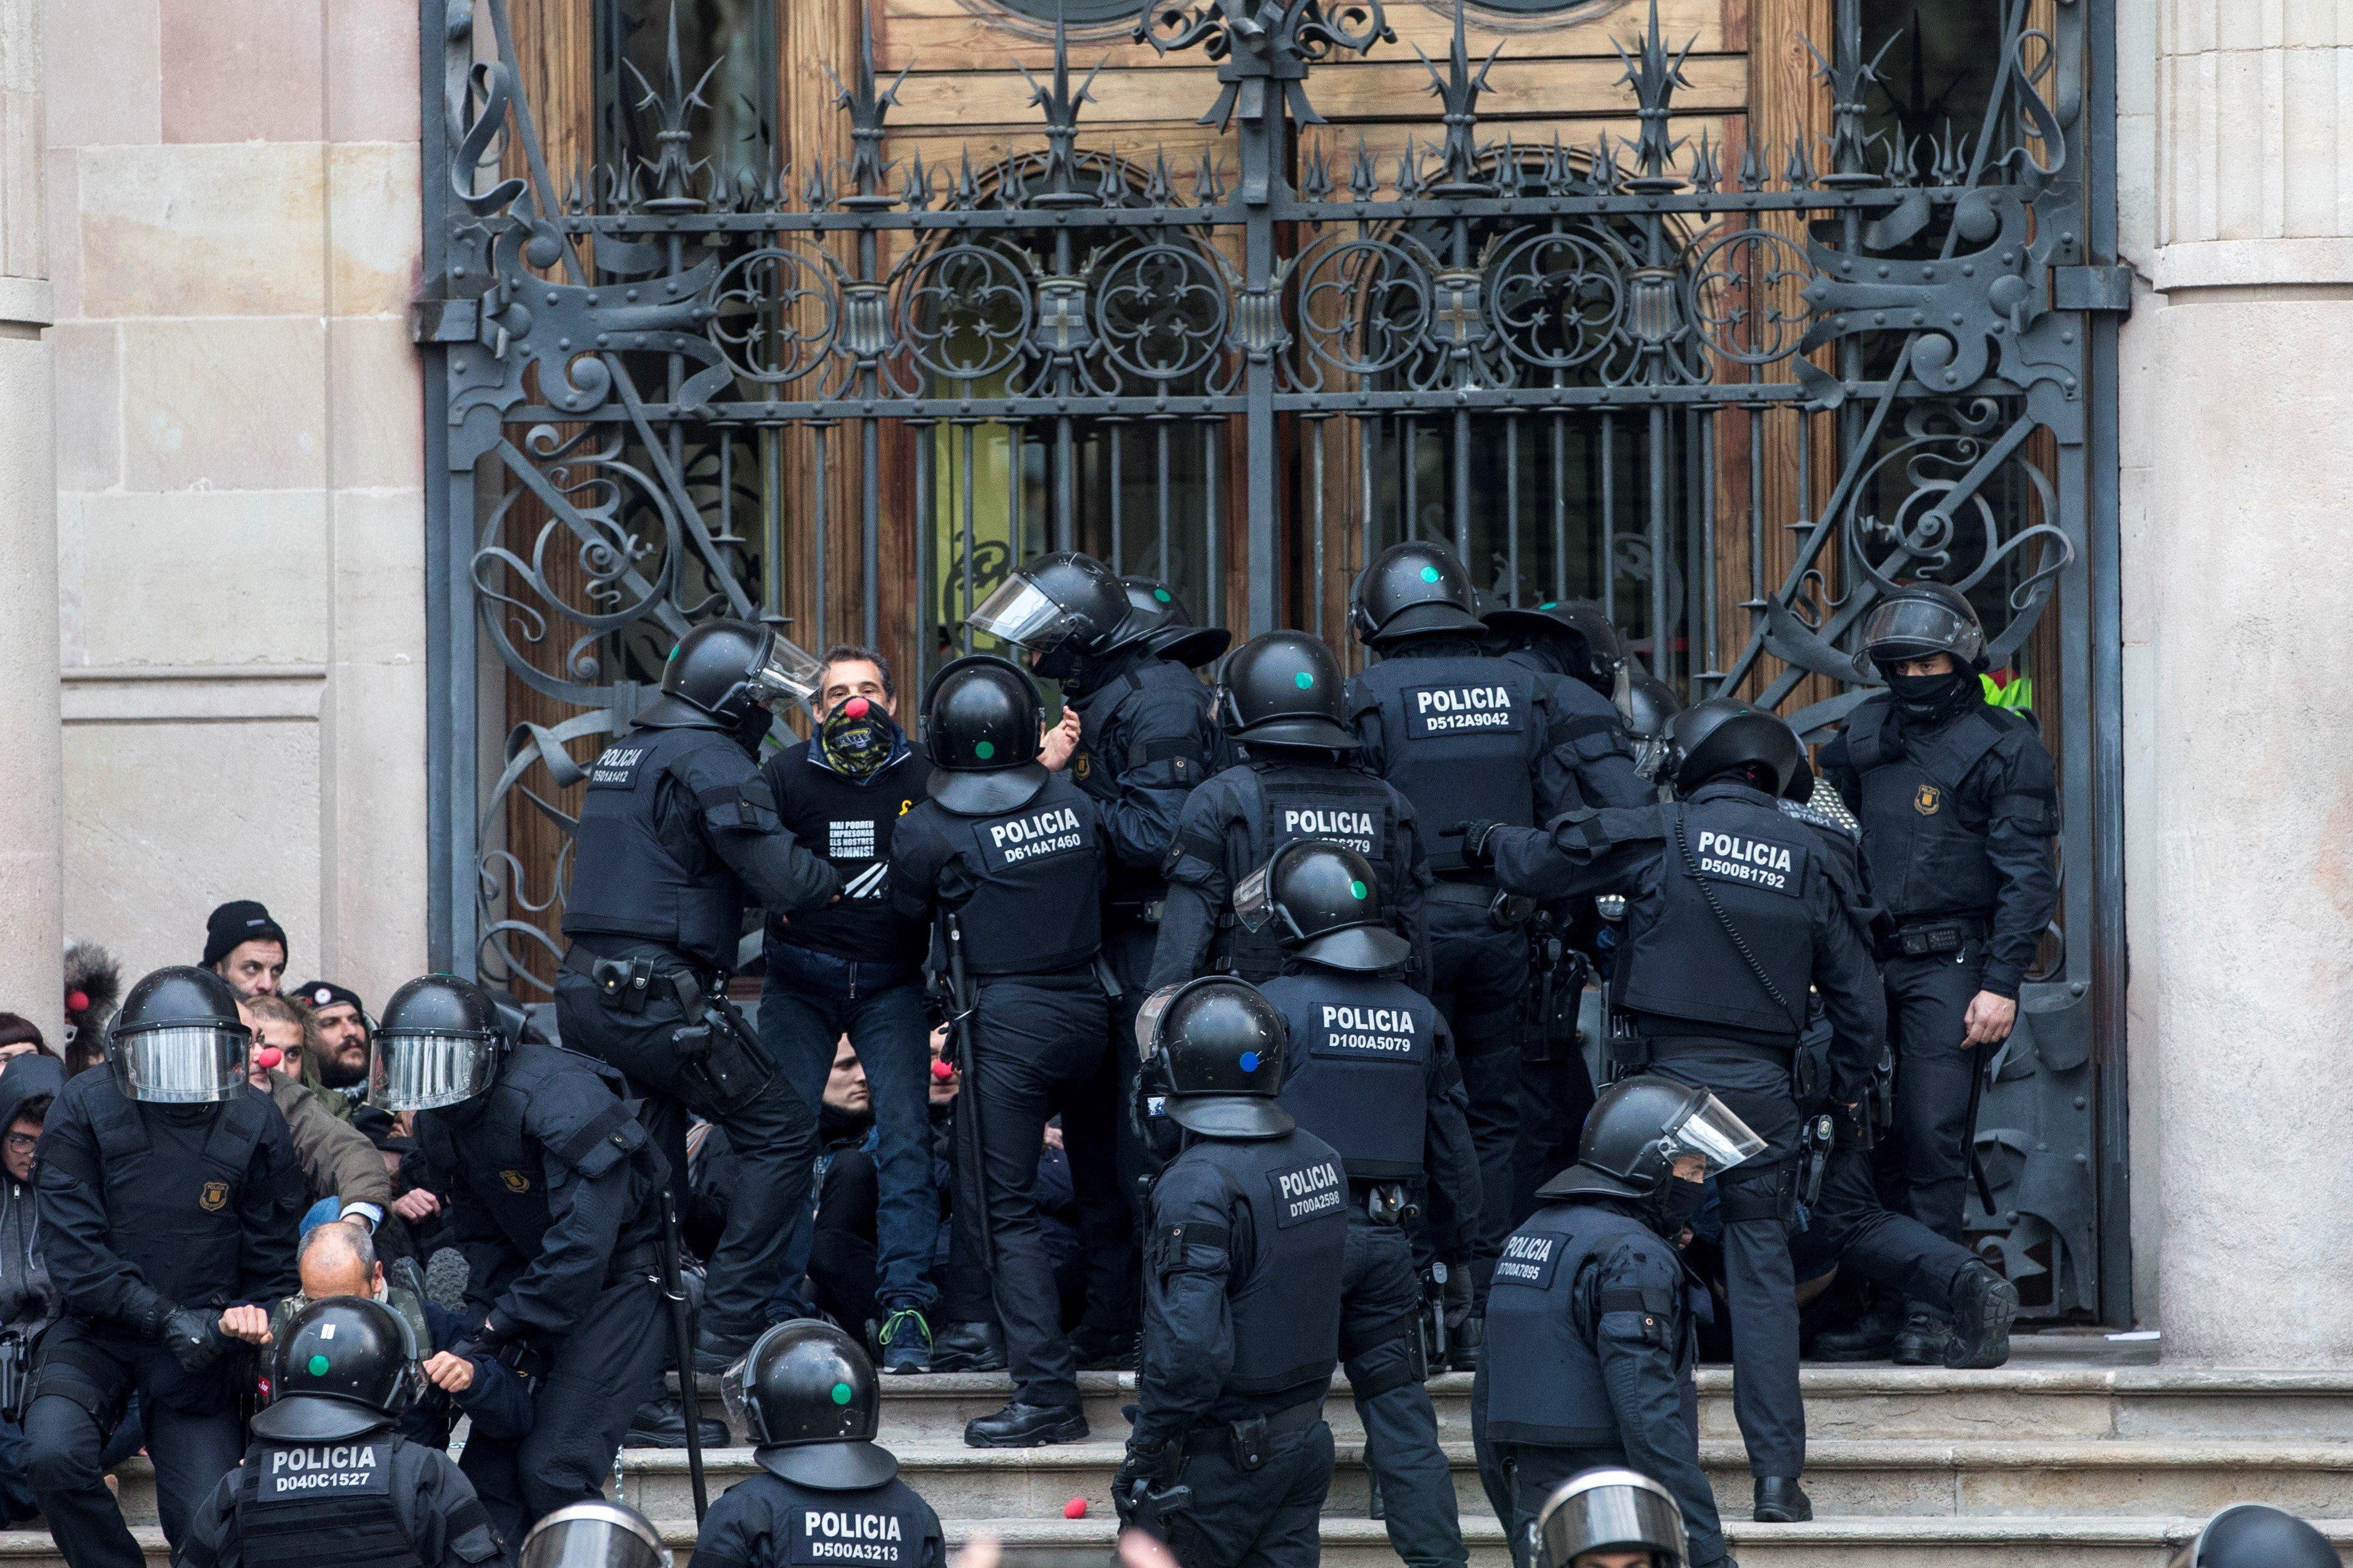 Agents dels Mossos d'Esquadra desallotgen les desenes de persones que s'han concentrat a primera hora d'aquest divendres davant el Tribunal Superior de Justícia de Catalunya (TSJC) en protesta per les actuacions de la justícia en la crisi catalana i exigint la llibertat dels polítics empresonats. /QUIQUE GARCÍA